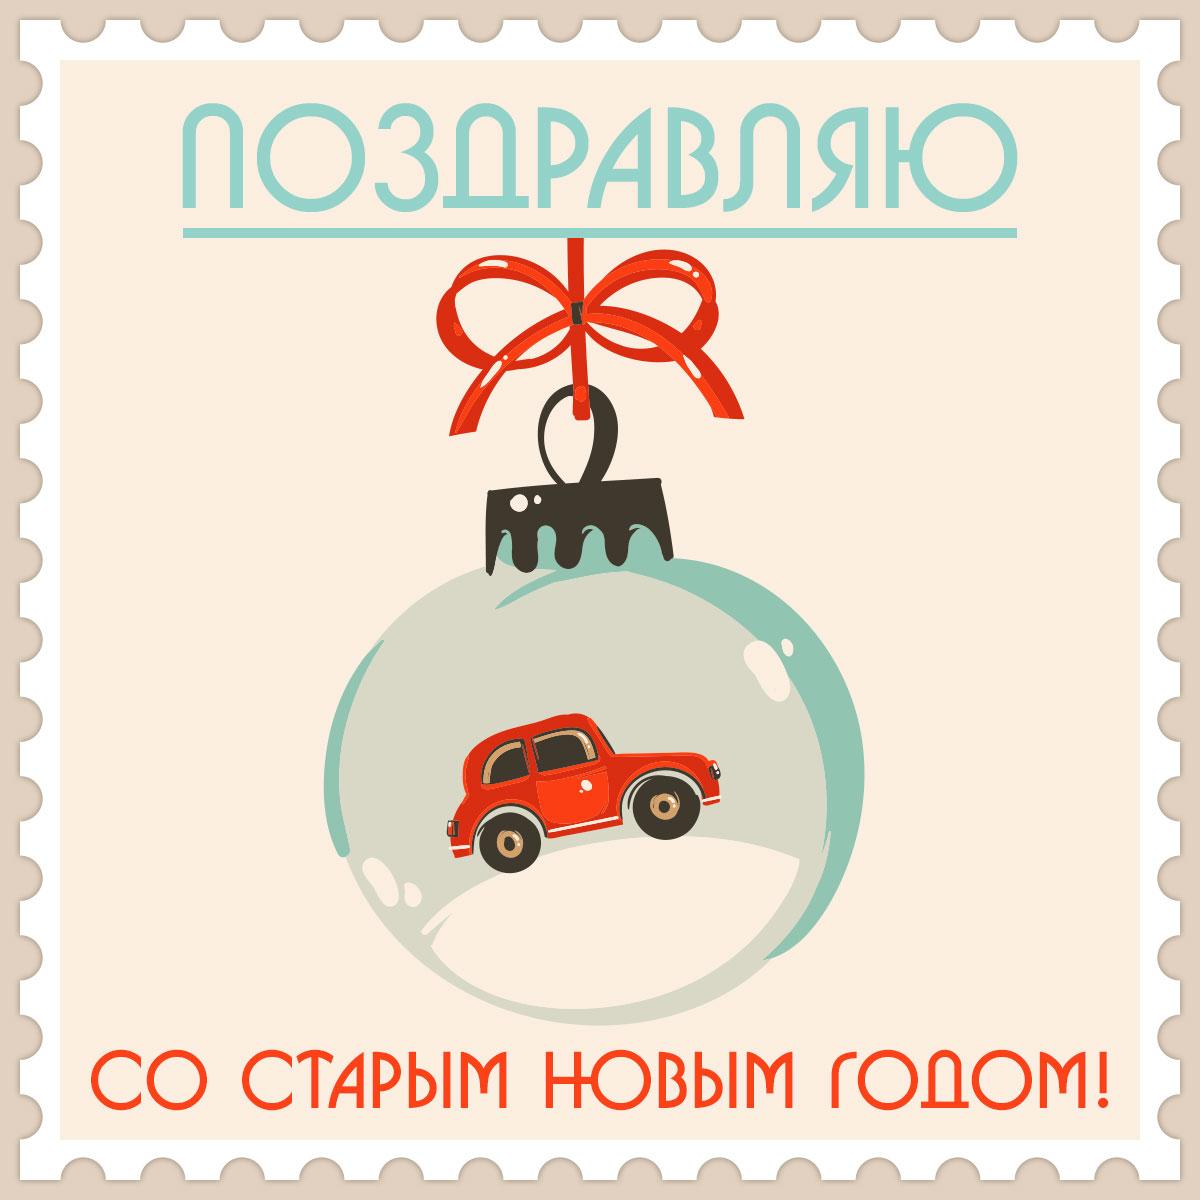 Бежевая почтовая марка с красной машинкой внутри елочного шара.